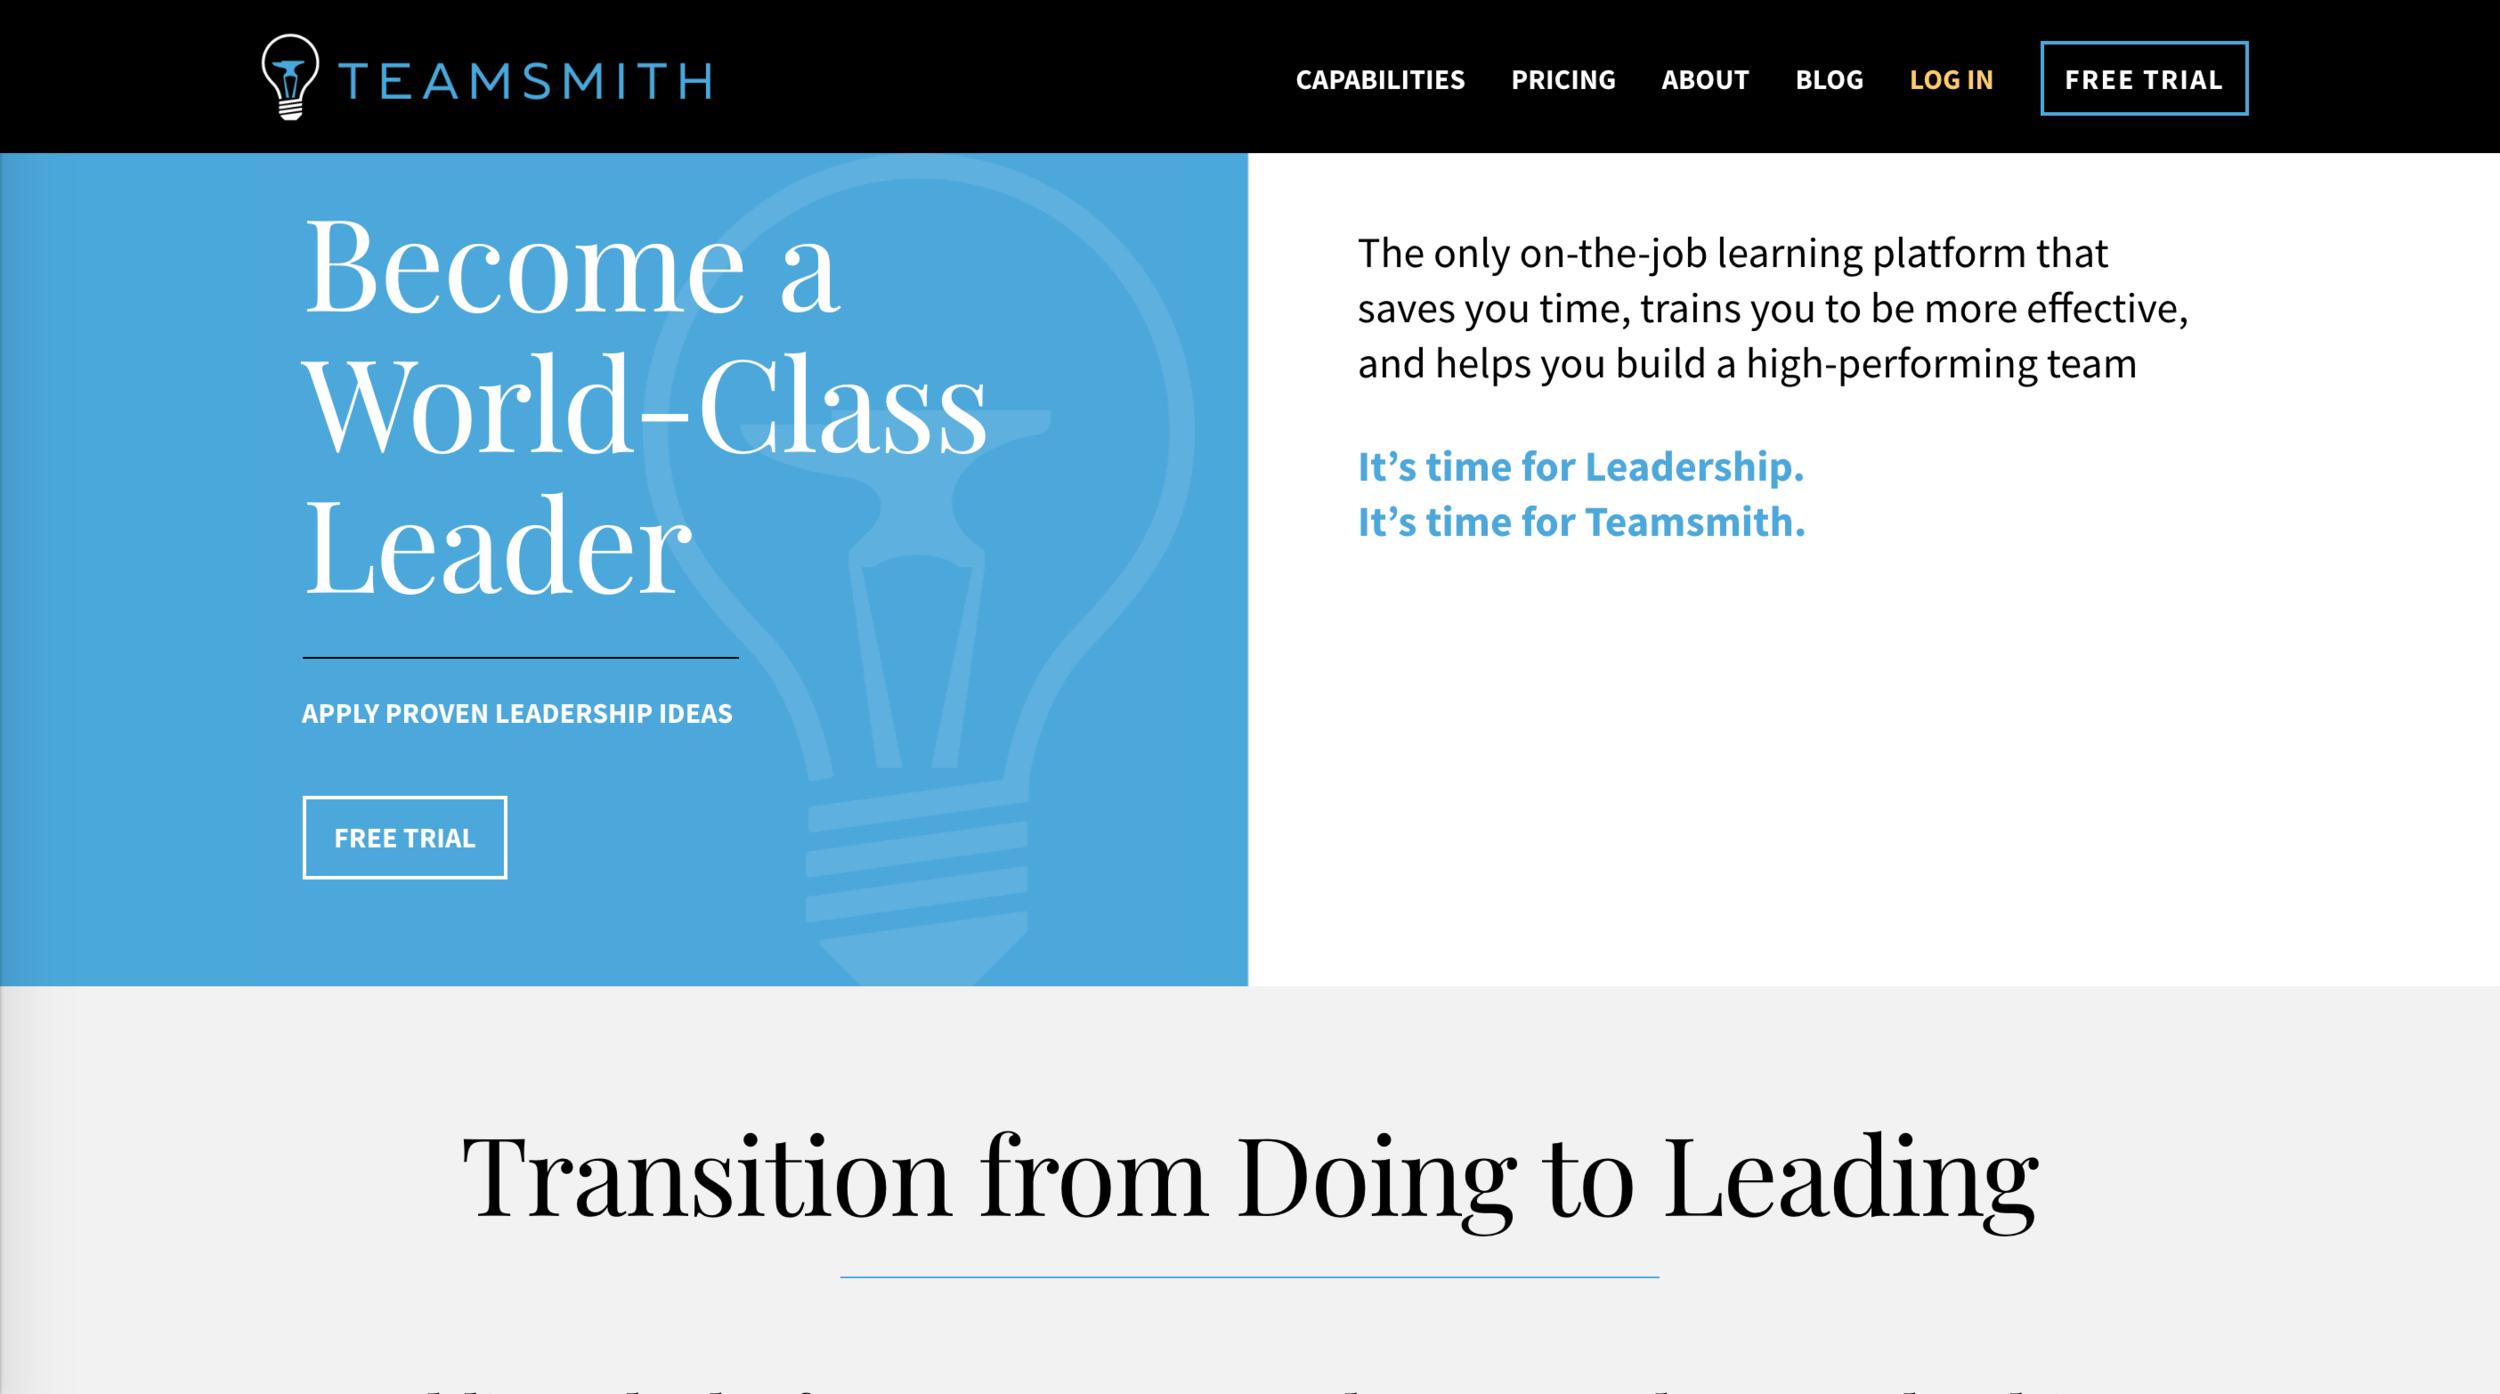 teamsmith.co Landing Page  Desktop View